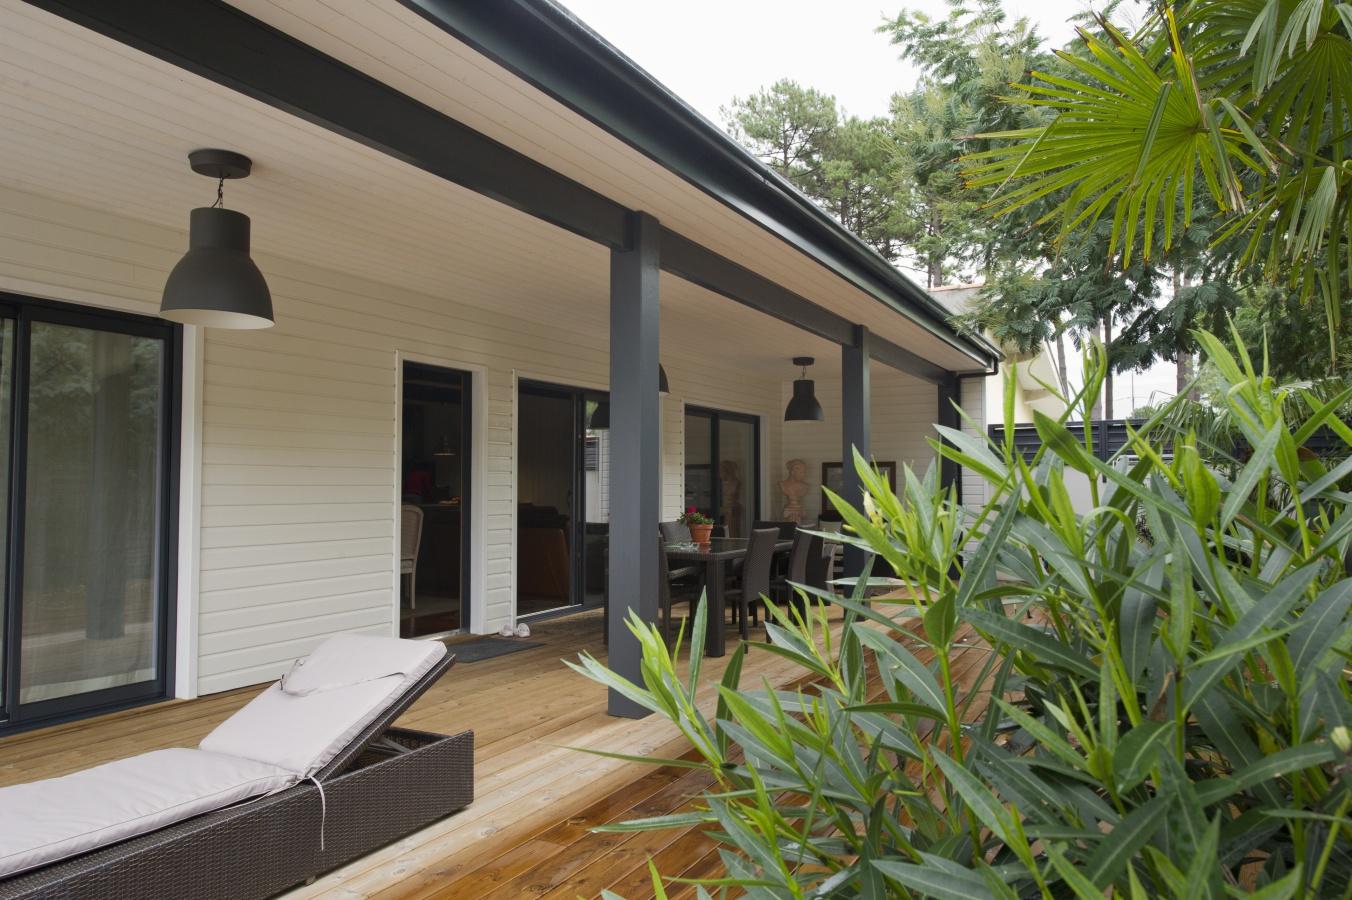 Maison Ossature Bois Bordeaux constructeur maison bois - ossature bois - vivabois - gironde